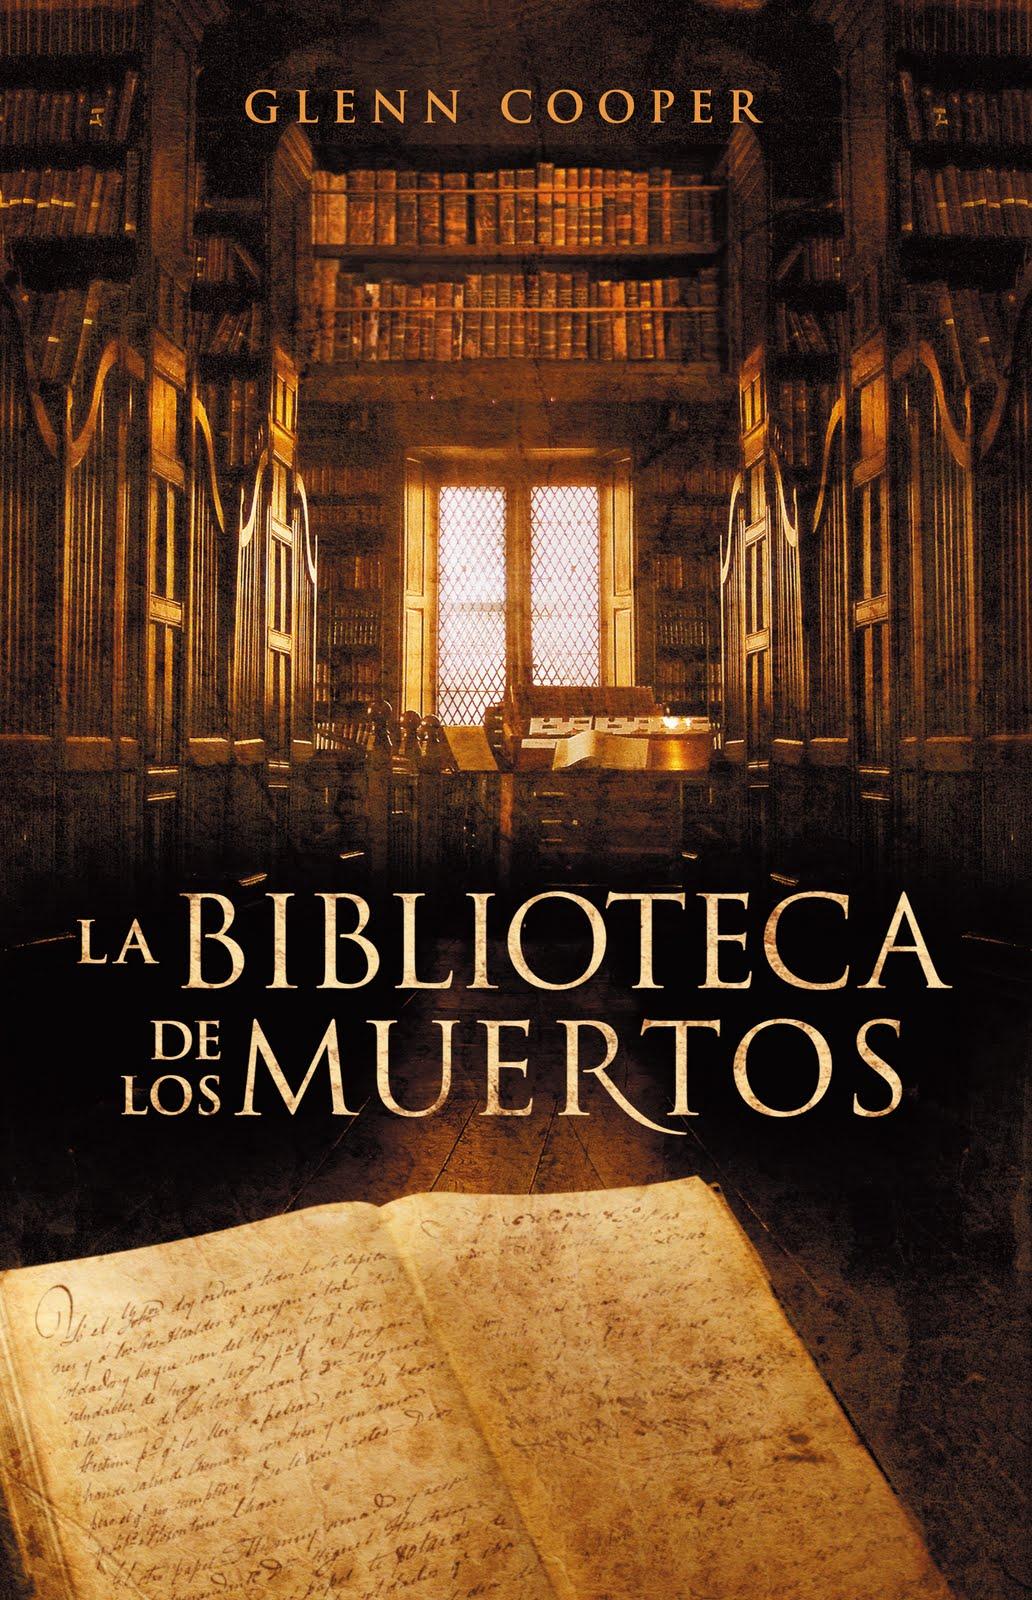 https://1.bp.blogspot.com/_DikfRYXfSUQ/TJeQZxC8qtI/AAAAAAAABg0/D_Cl3ruvoWY/s1600/Tapa-+La+biblioteca+de+los+muertos.jpg